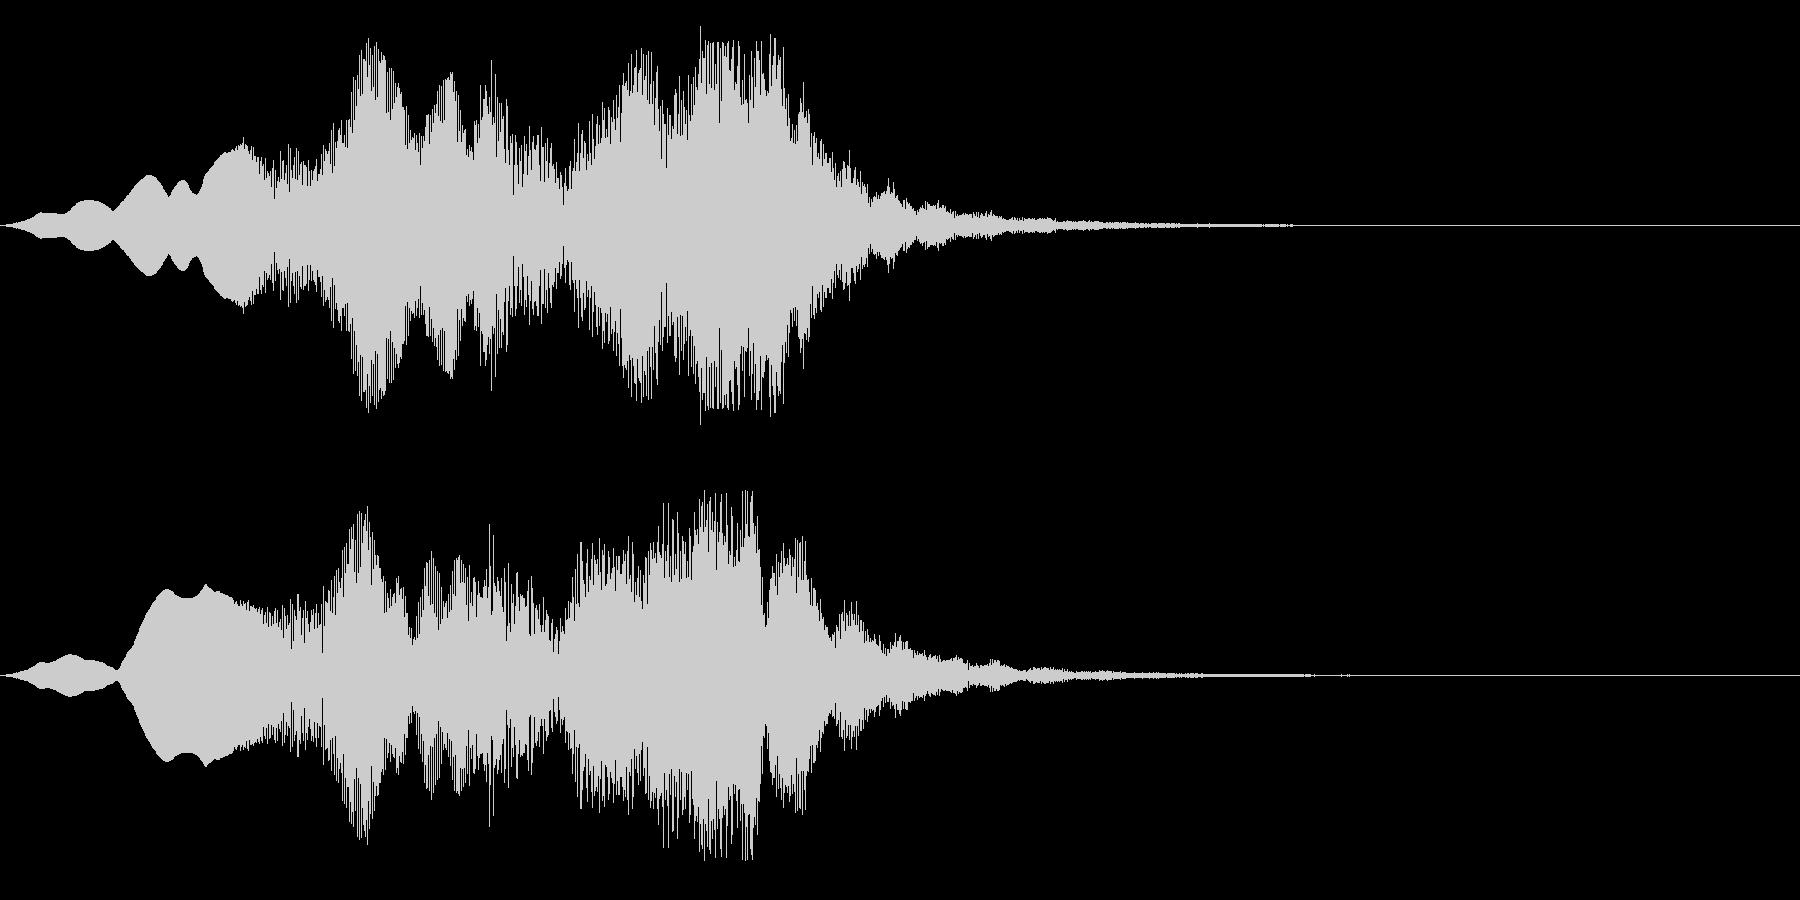 システム系スリープ音の未再生の波形